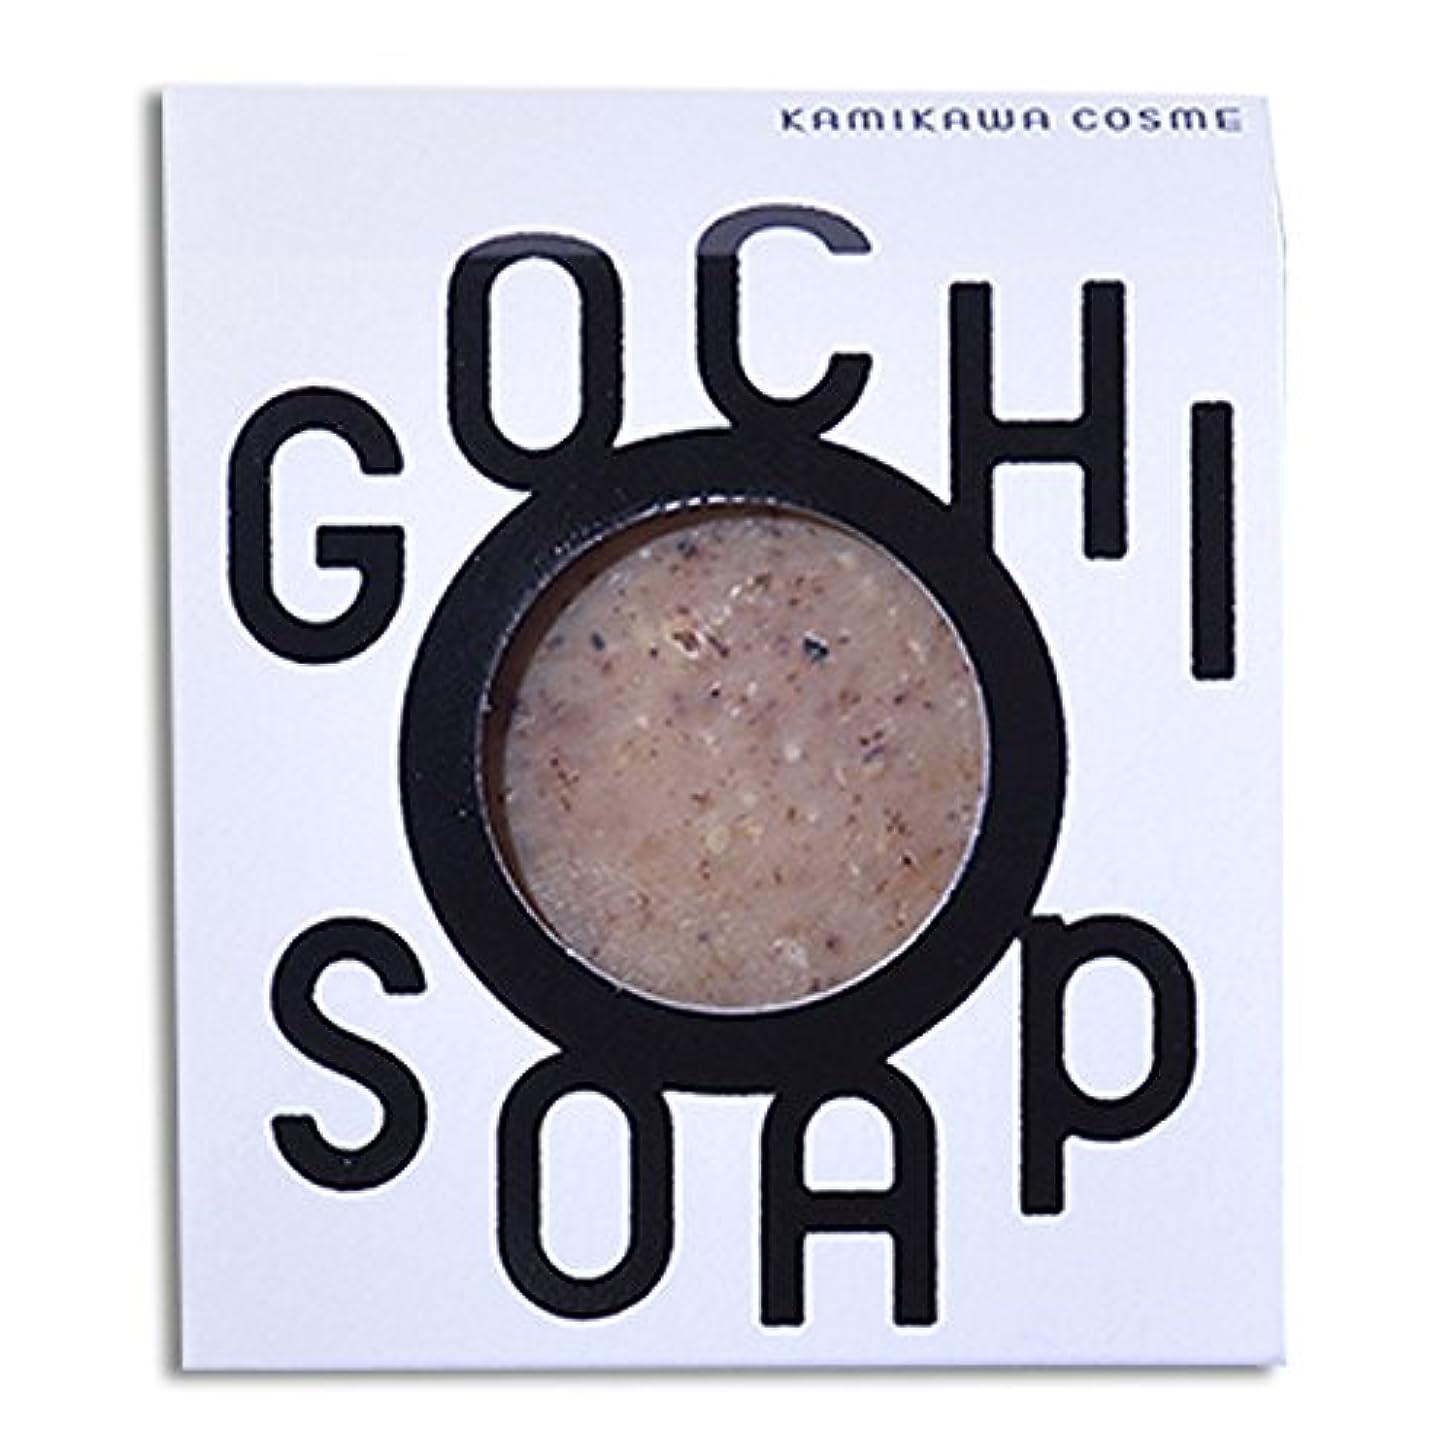 メニュー回るクラウン道北の素材を使用したコスメブランド GOCHI SOAP(上森米穀店の黒米ぬかソープ?谷口農場のトマトソープ)各1個セット